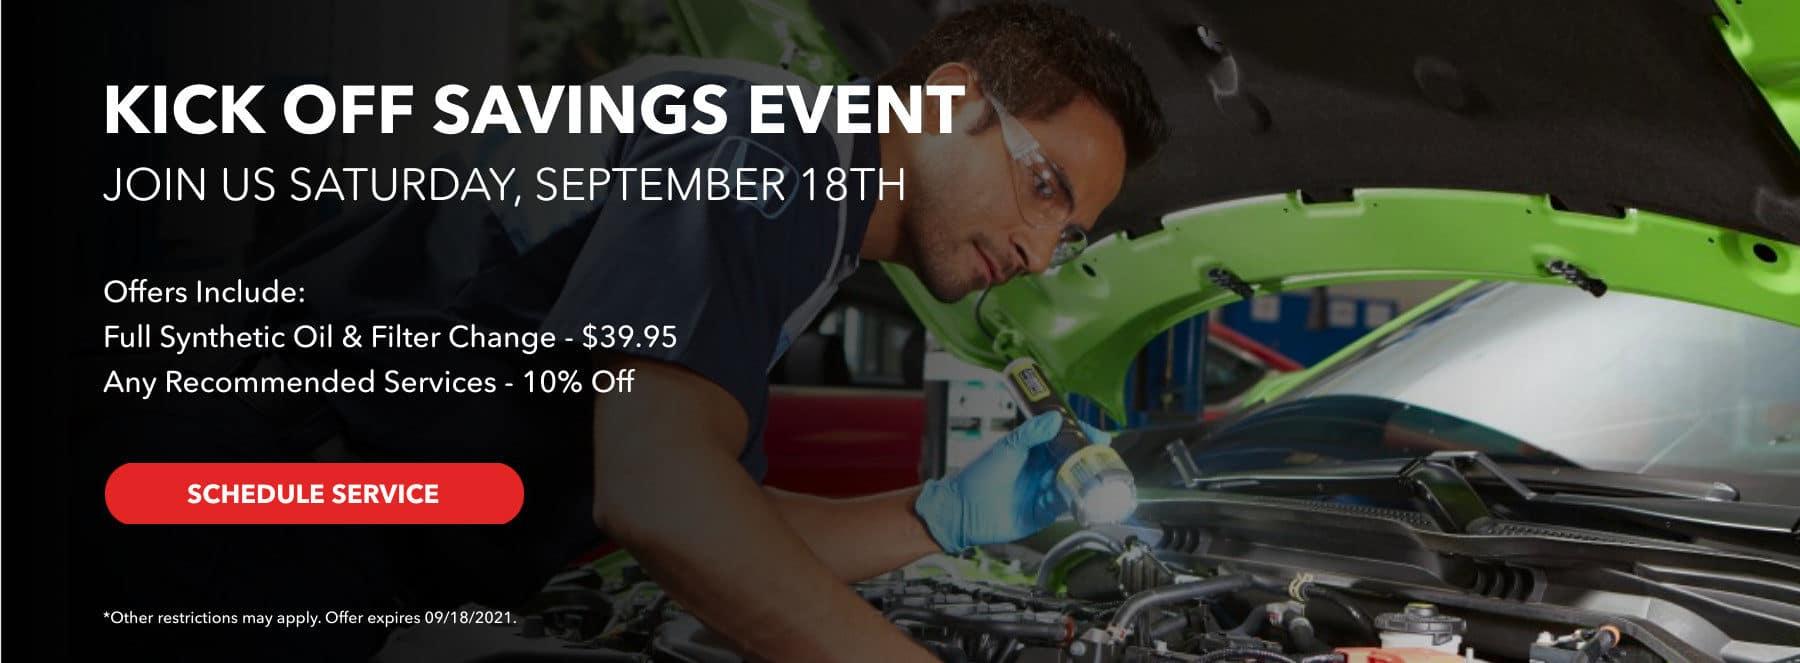 Kick Off Savings Event